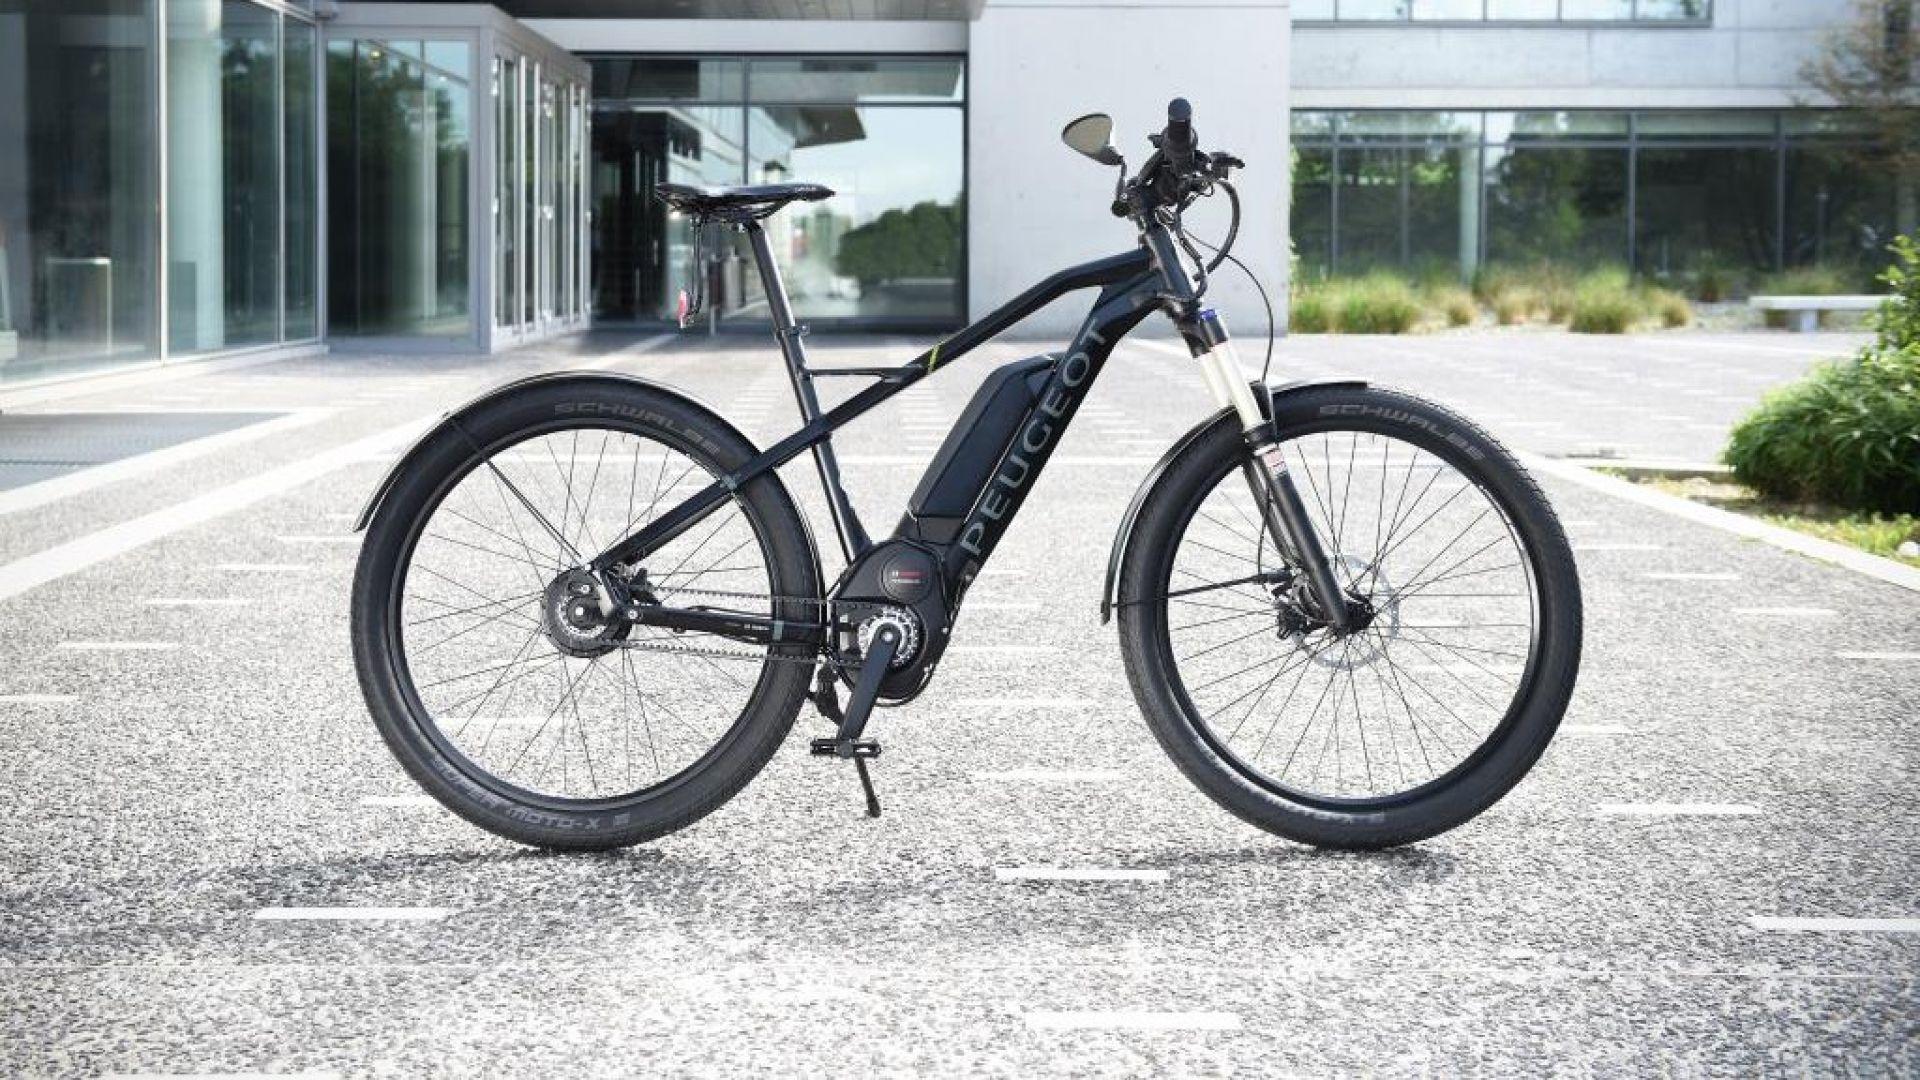 bici elettriche peugeot eu01s la e bike da 45 km h. Black Bedroom Furniture Sets. Home Design Ideas